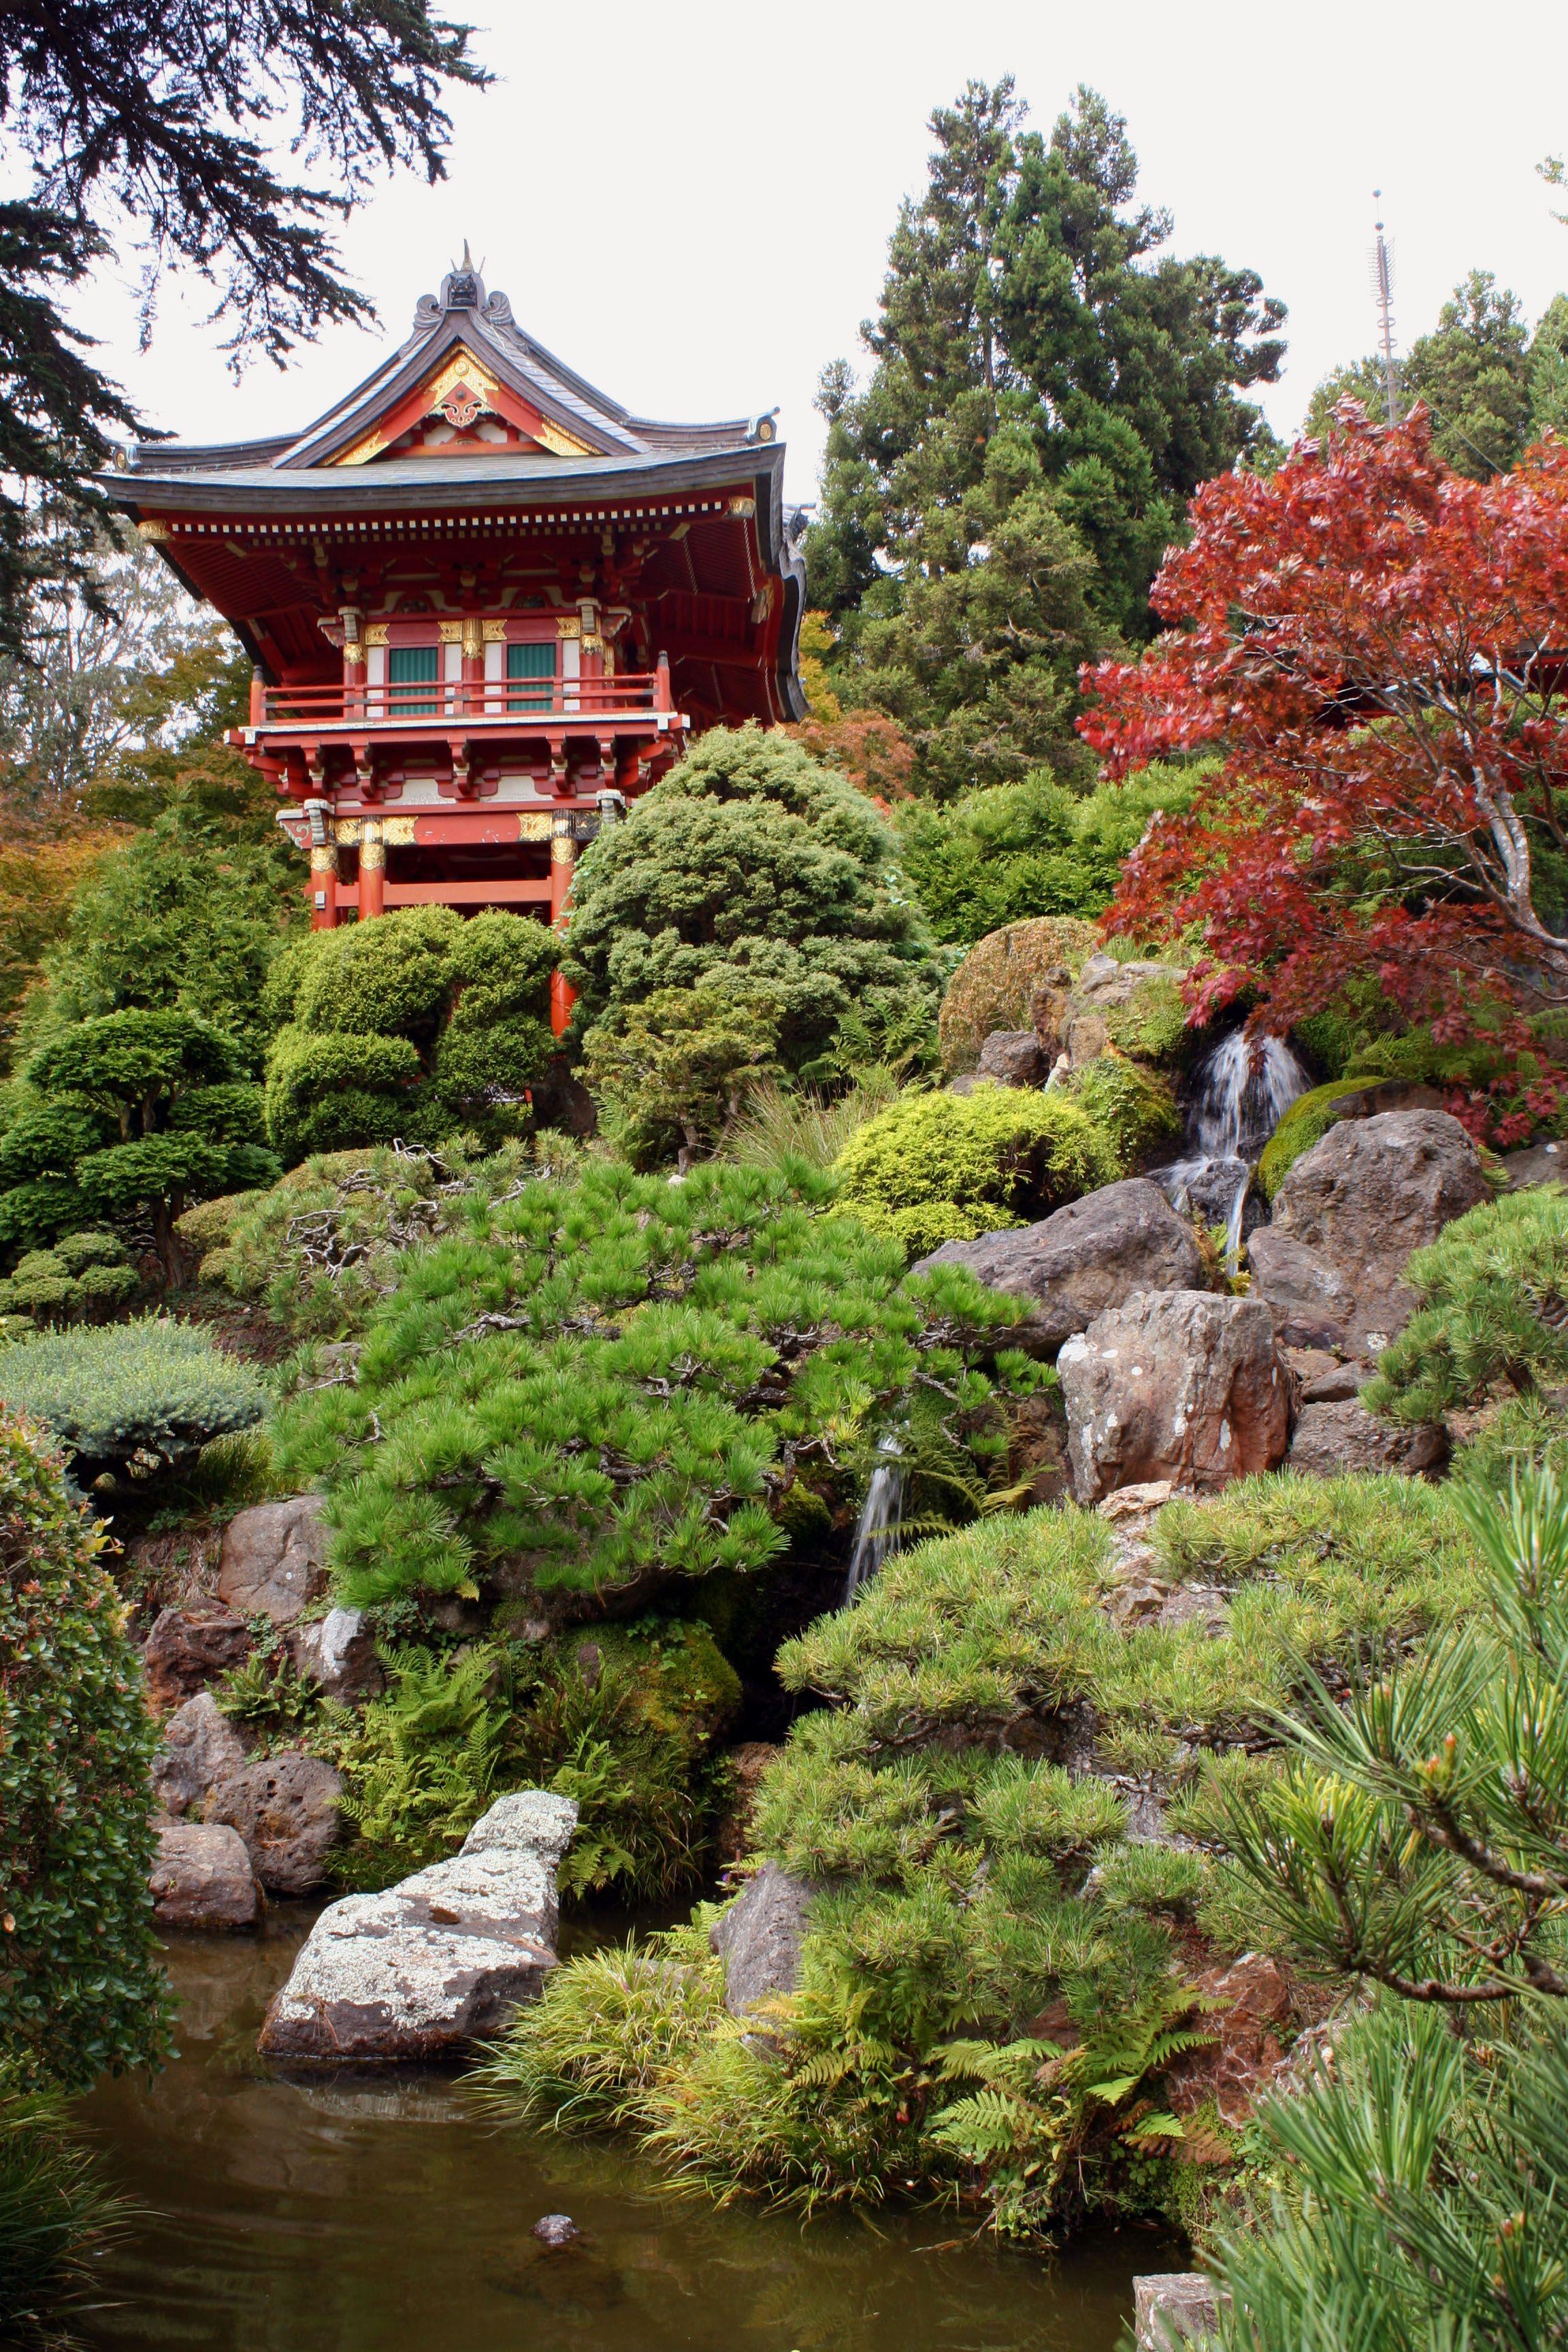 Japanese Tea Garden Golden Gate Park Golden Gate Park San